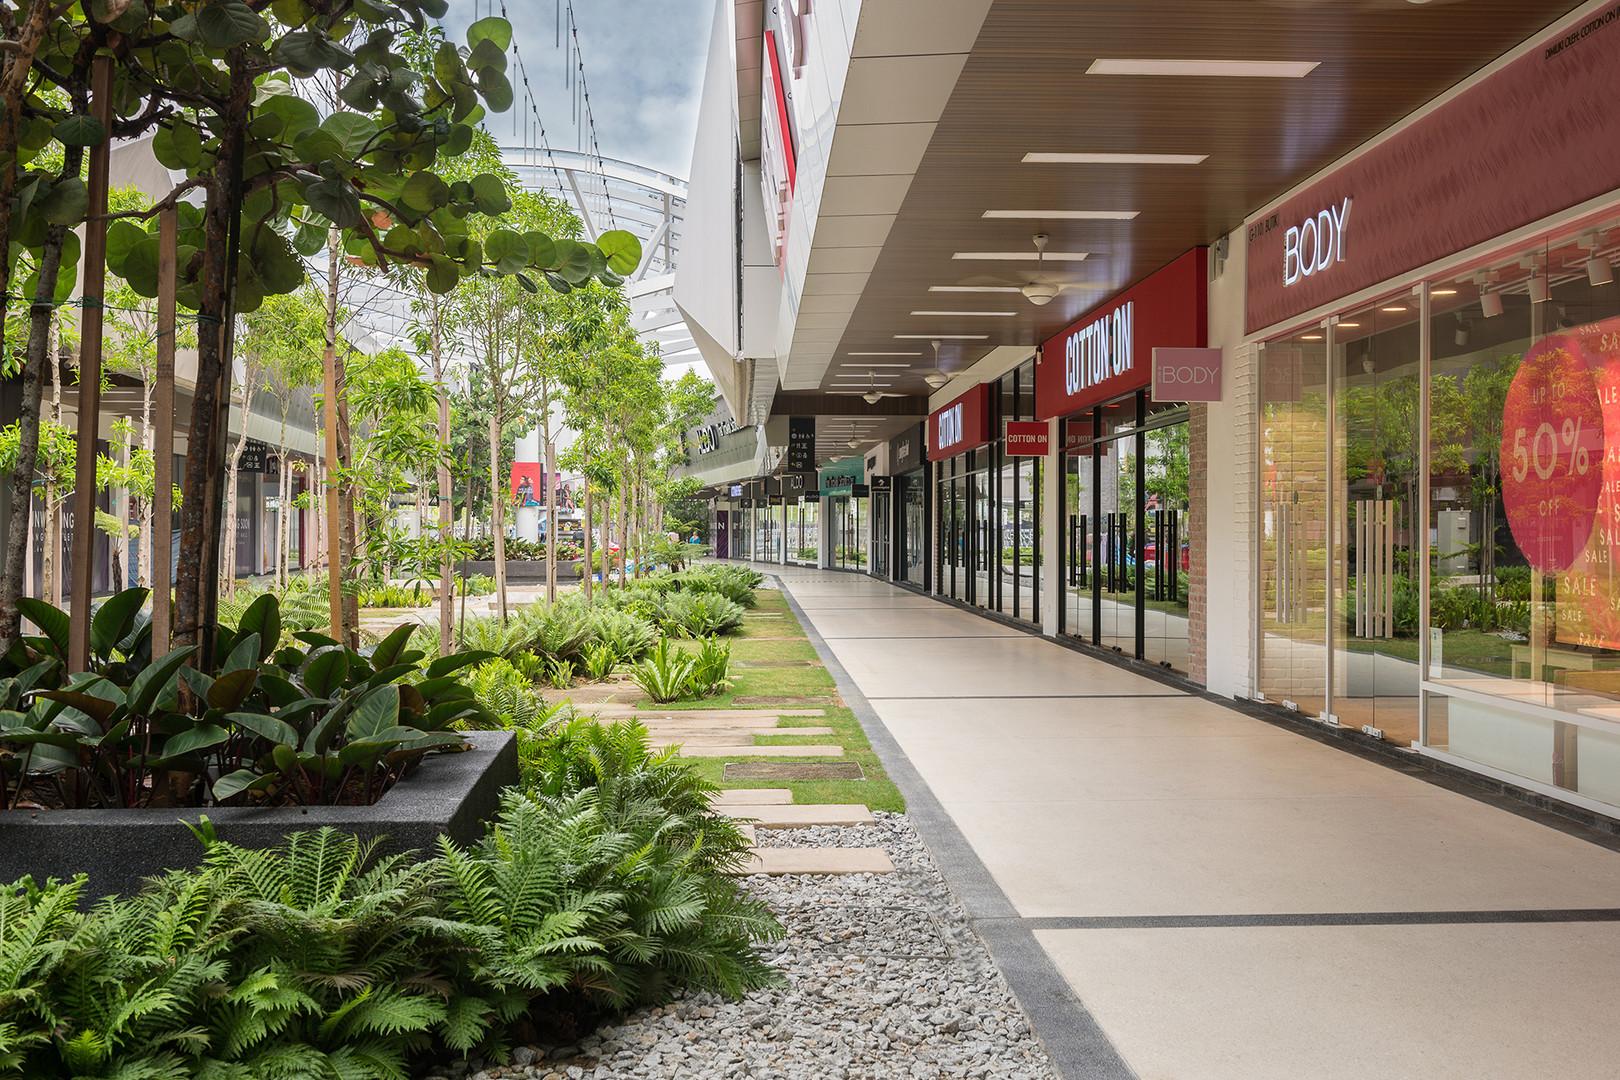 Penang Design Village Outlet Mall